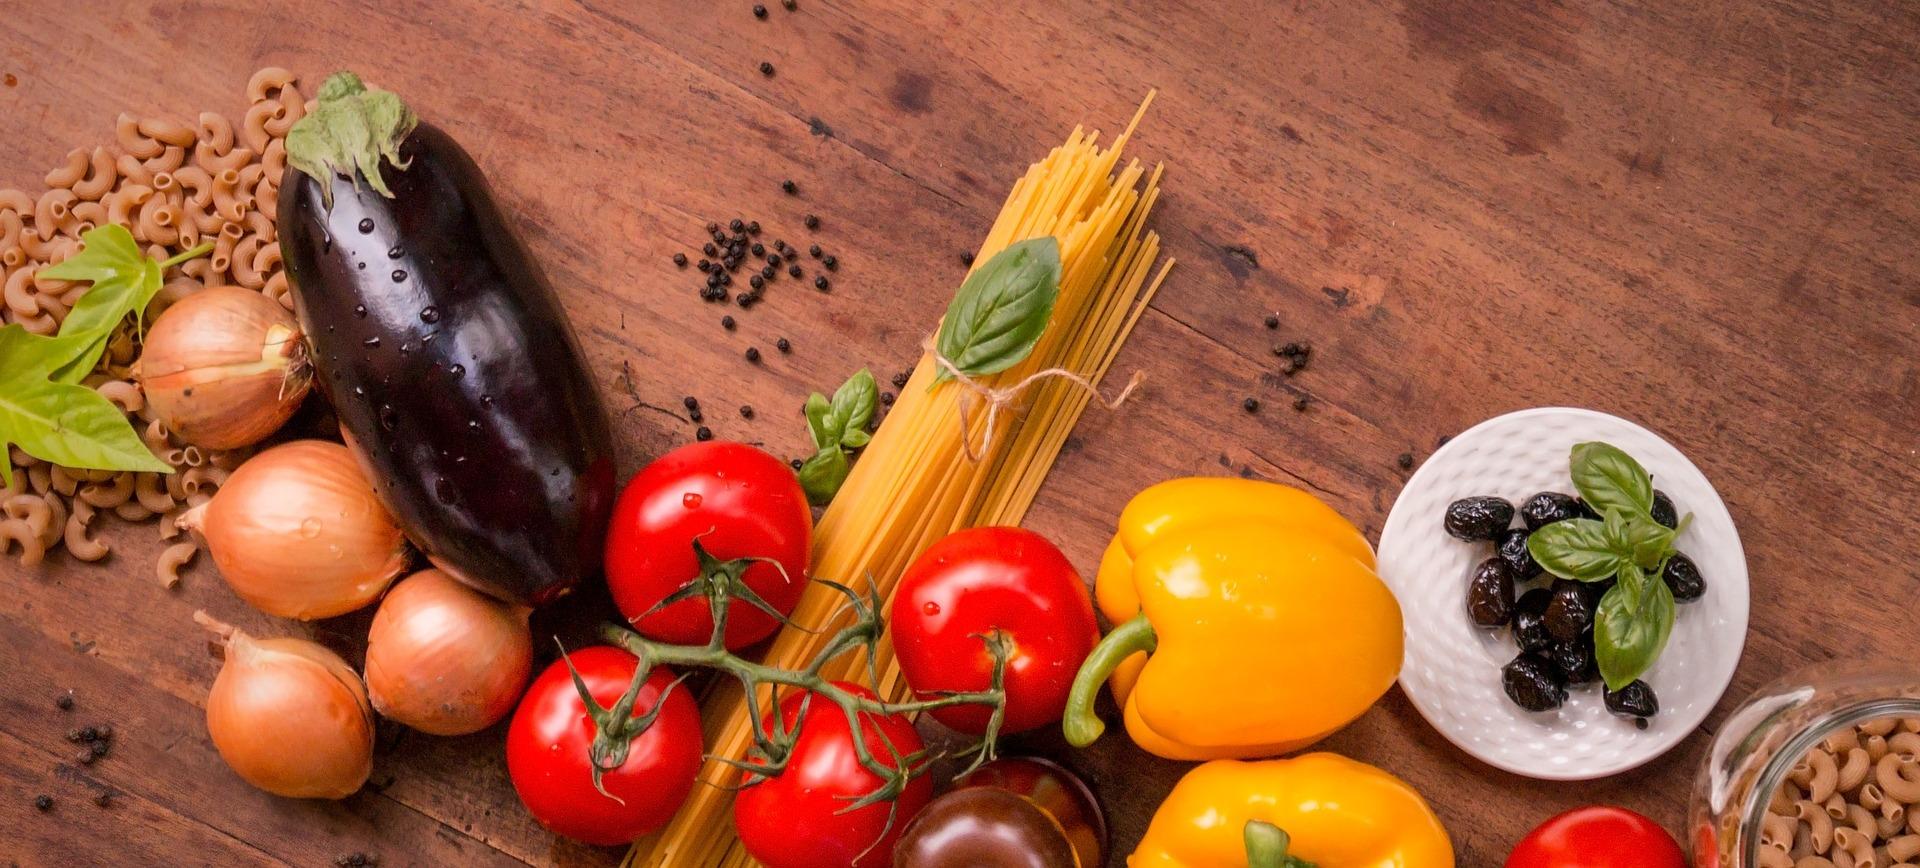 Nationale Week Zonder Vlees van start met ruim 50.000 deelnemers